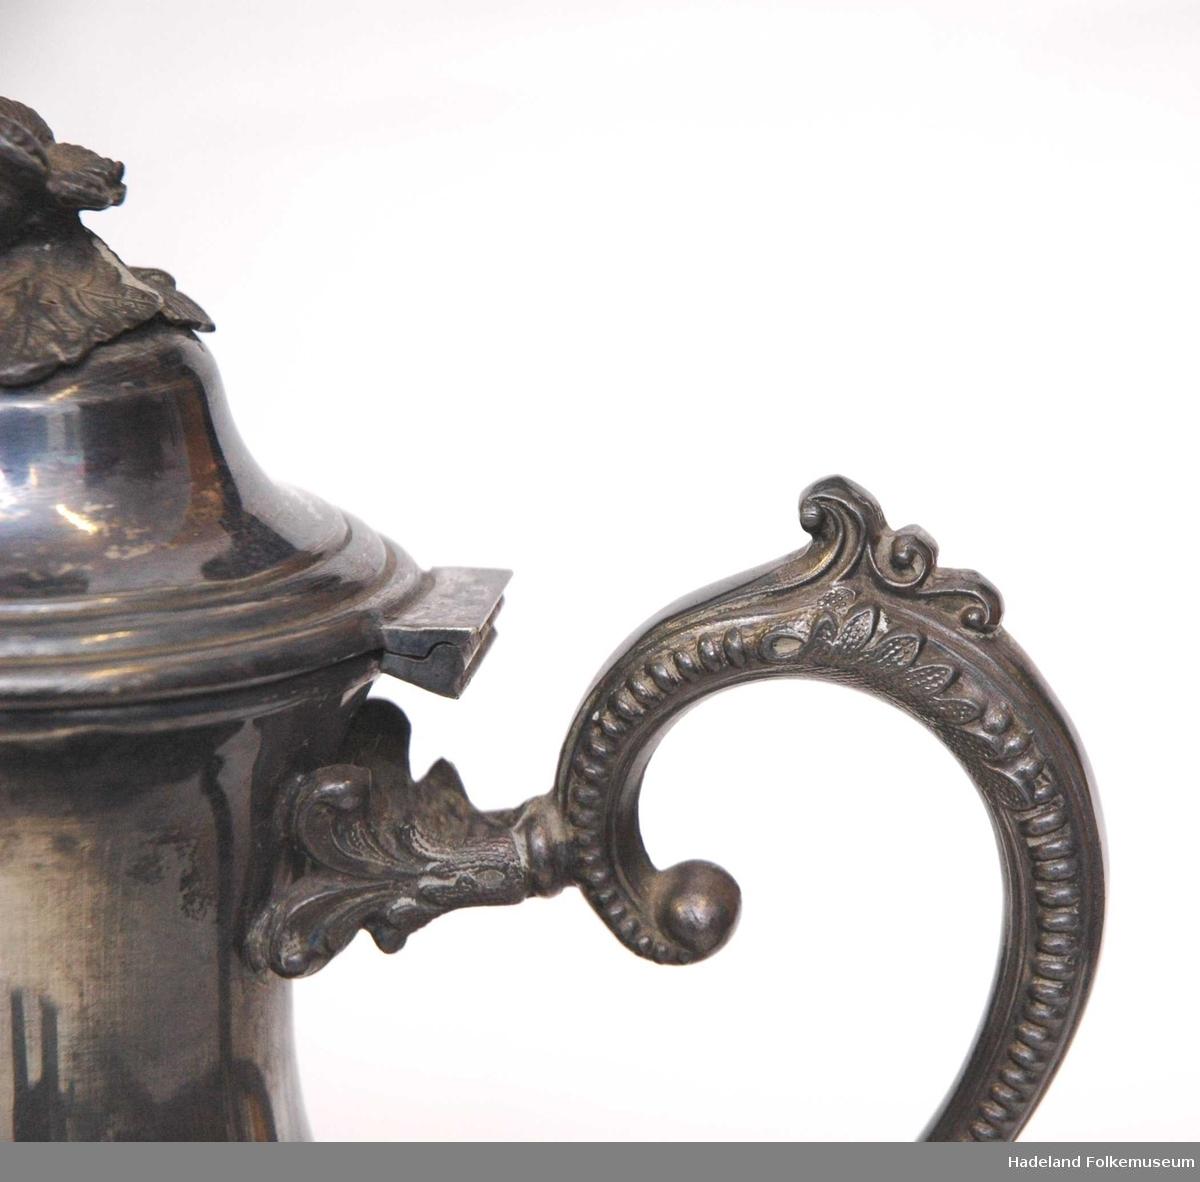 Sukkerkopp(a), Fløtemugge (b) og Kaffekanne (c) i metall. Samtlige deler har fire bein. Dekorert. a) har to hanker til å holde i. b) har hank og tut, c) har hank, tut og hengslet lokk.